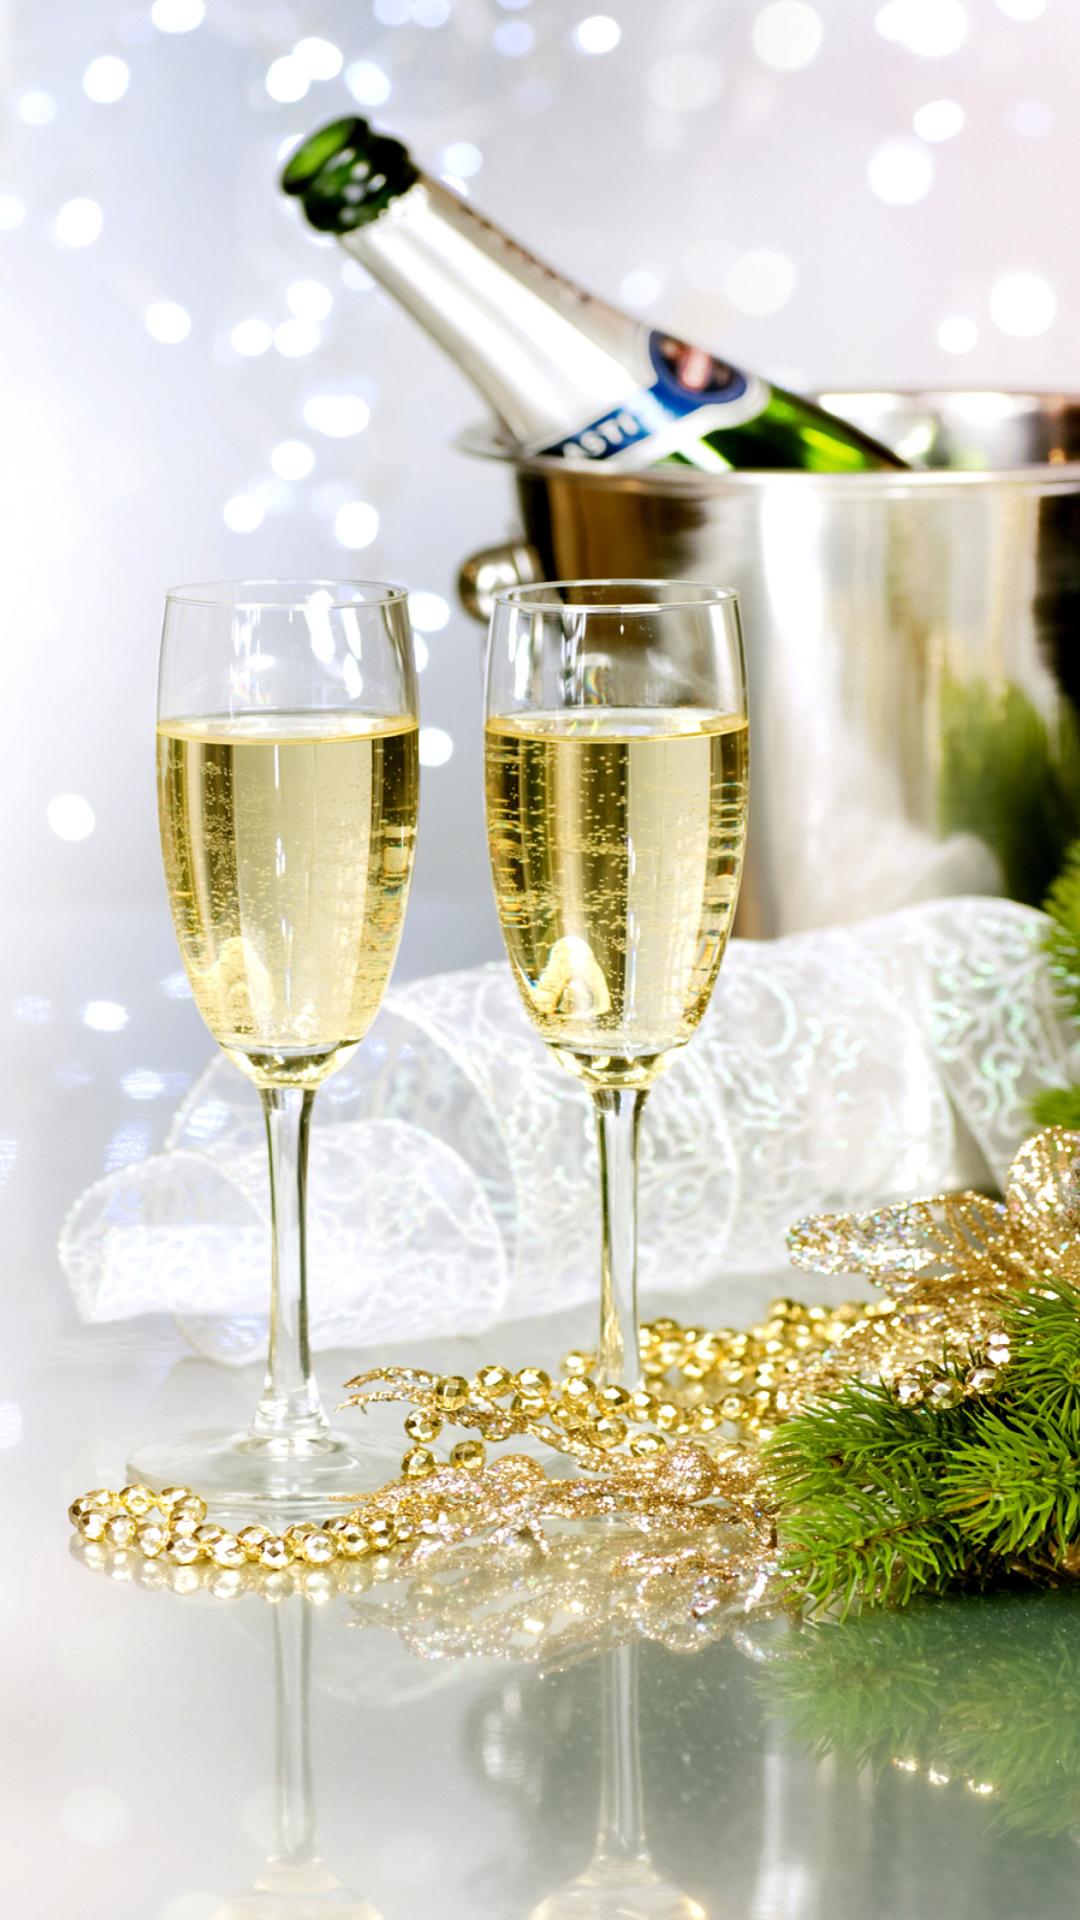 крутые картинки с шампанским образа усилена